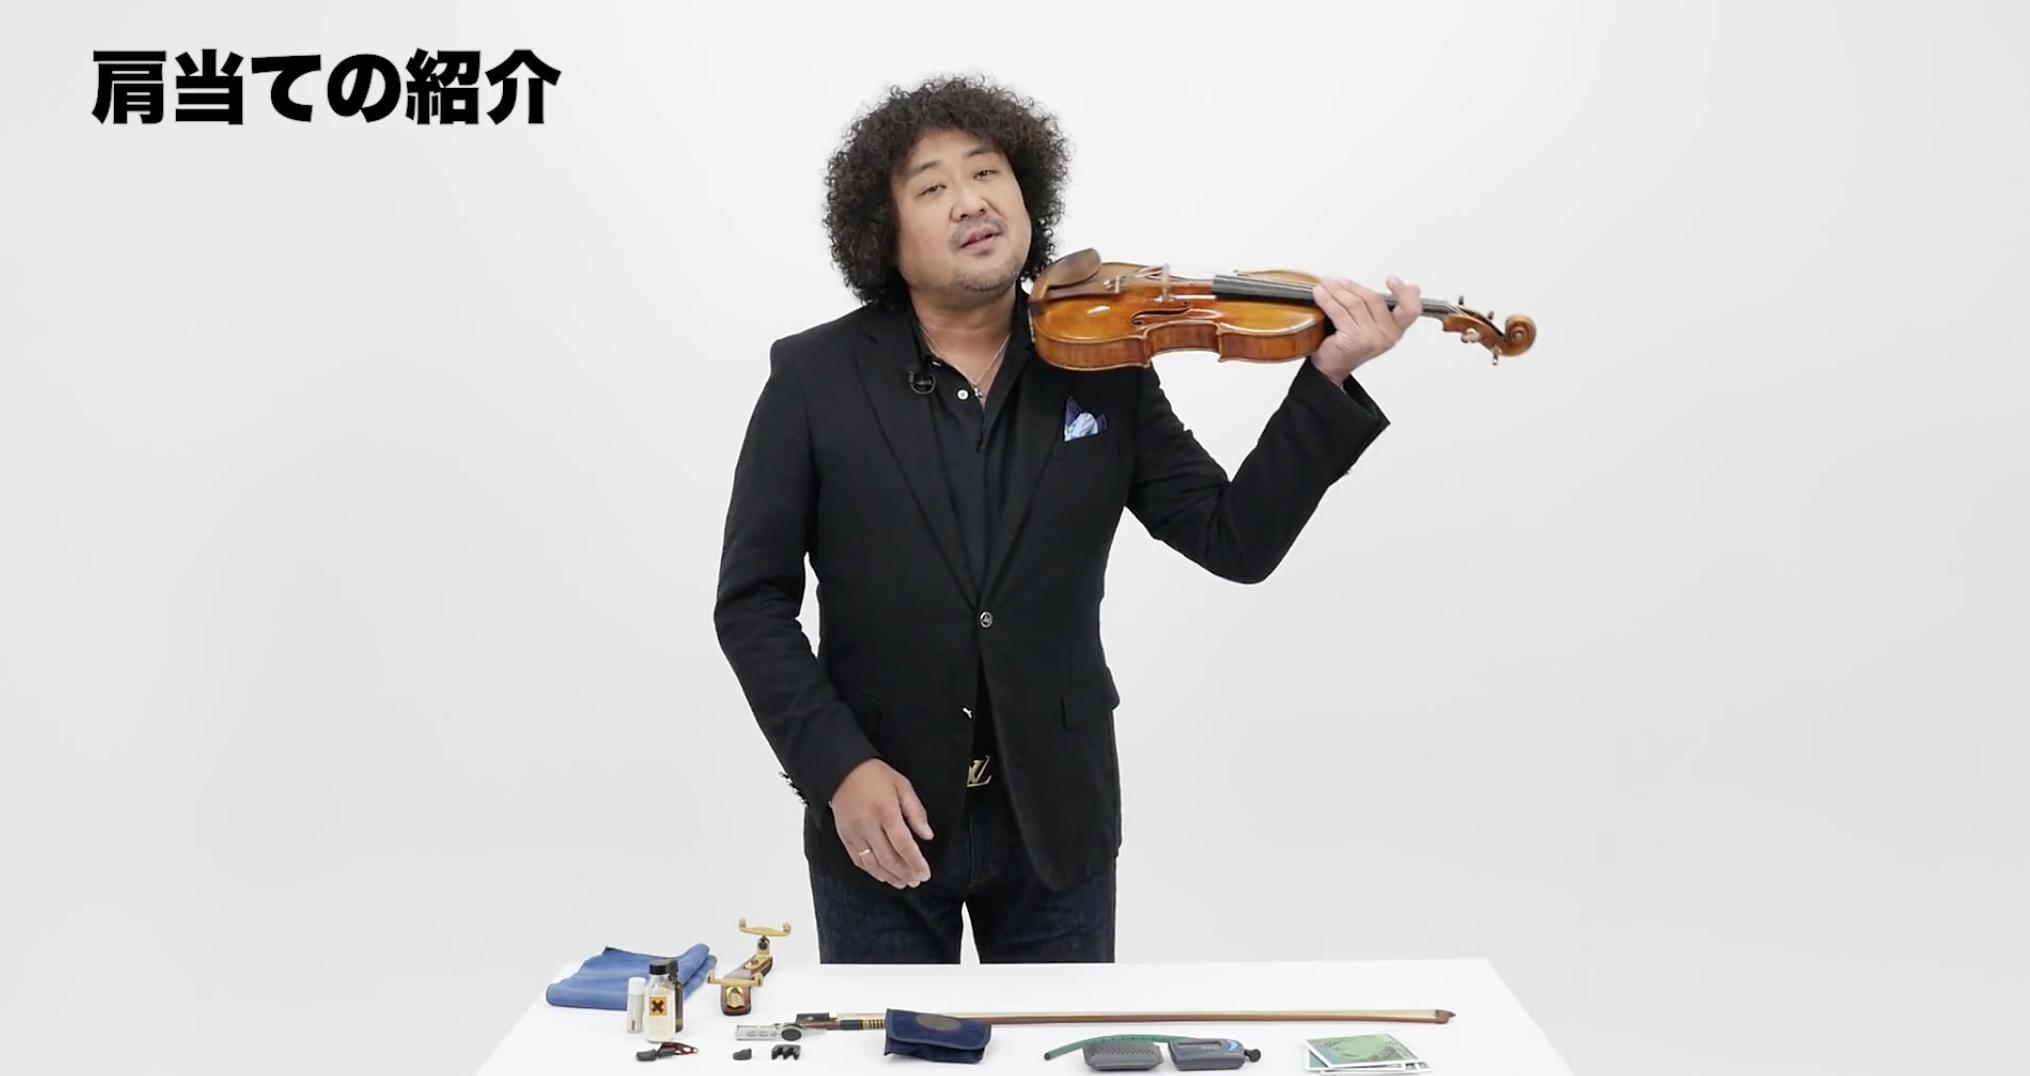 持ち バイオリン 方 弓 【驚くほど力が抜ける】バイオリンの弓の持ち方